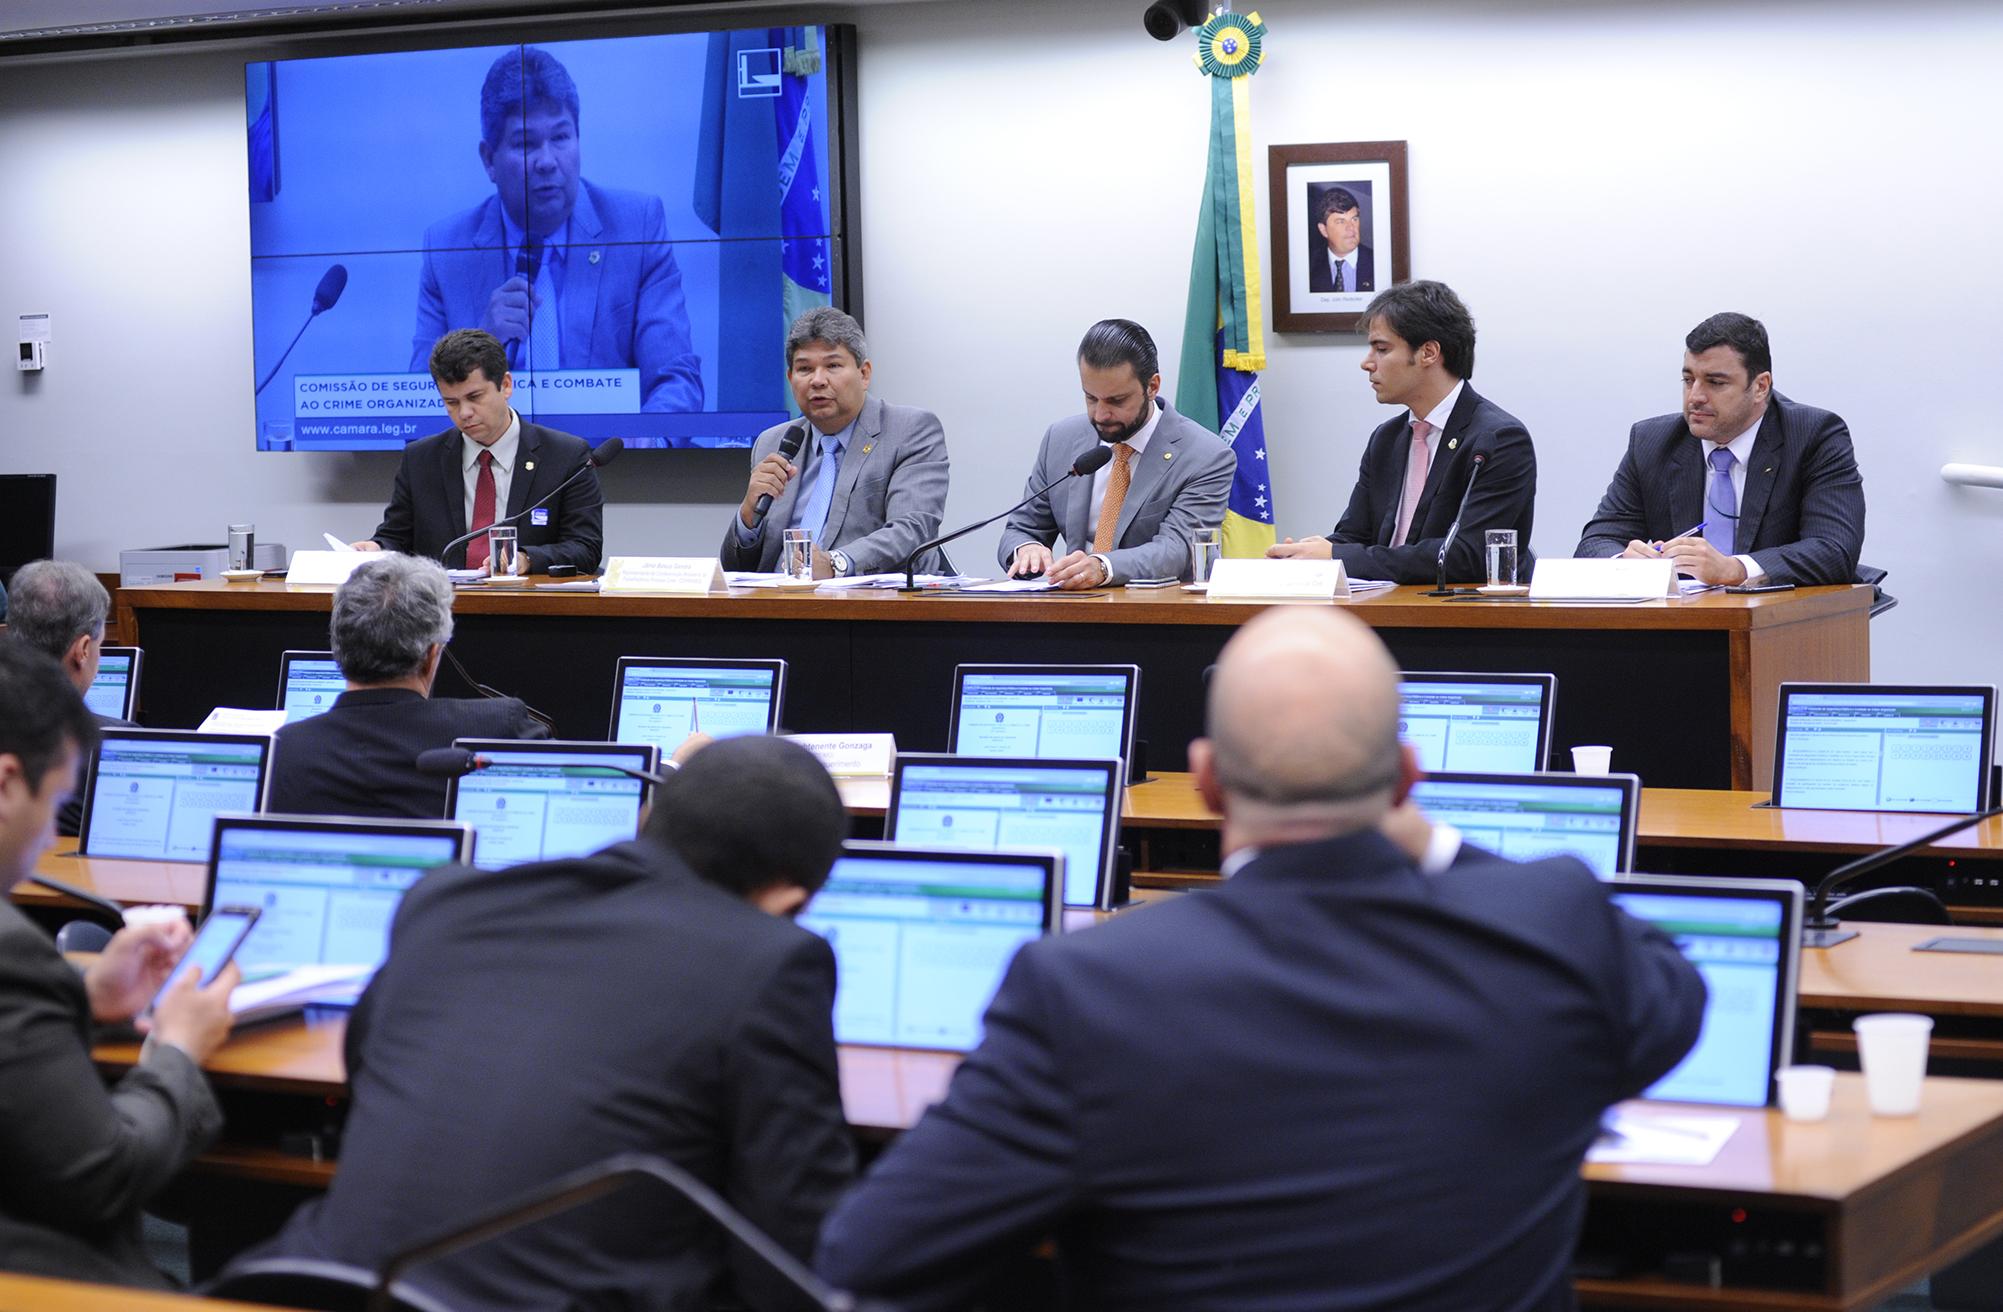 Audiência pública sobre o modelo proposto para o Sistema Único de Segurança Pública (SUSP) que se pretende instituir por meio do PL 3734/12